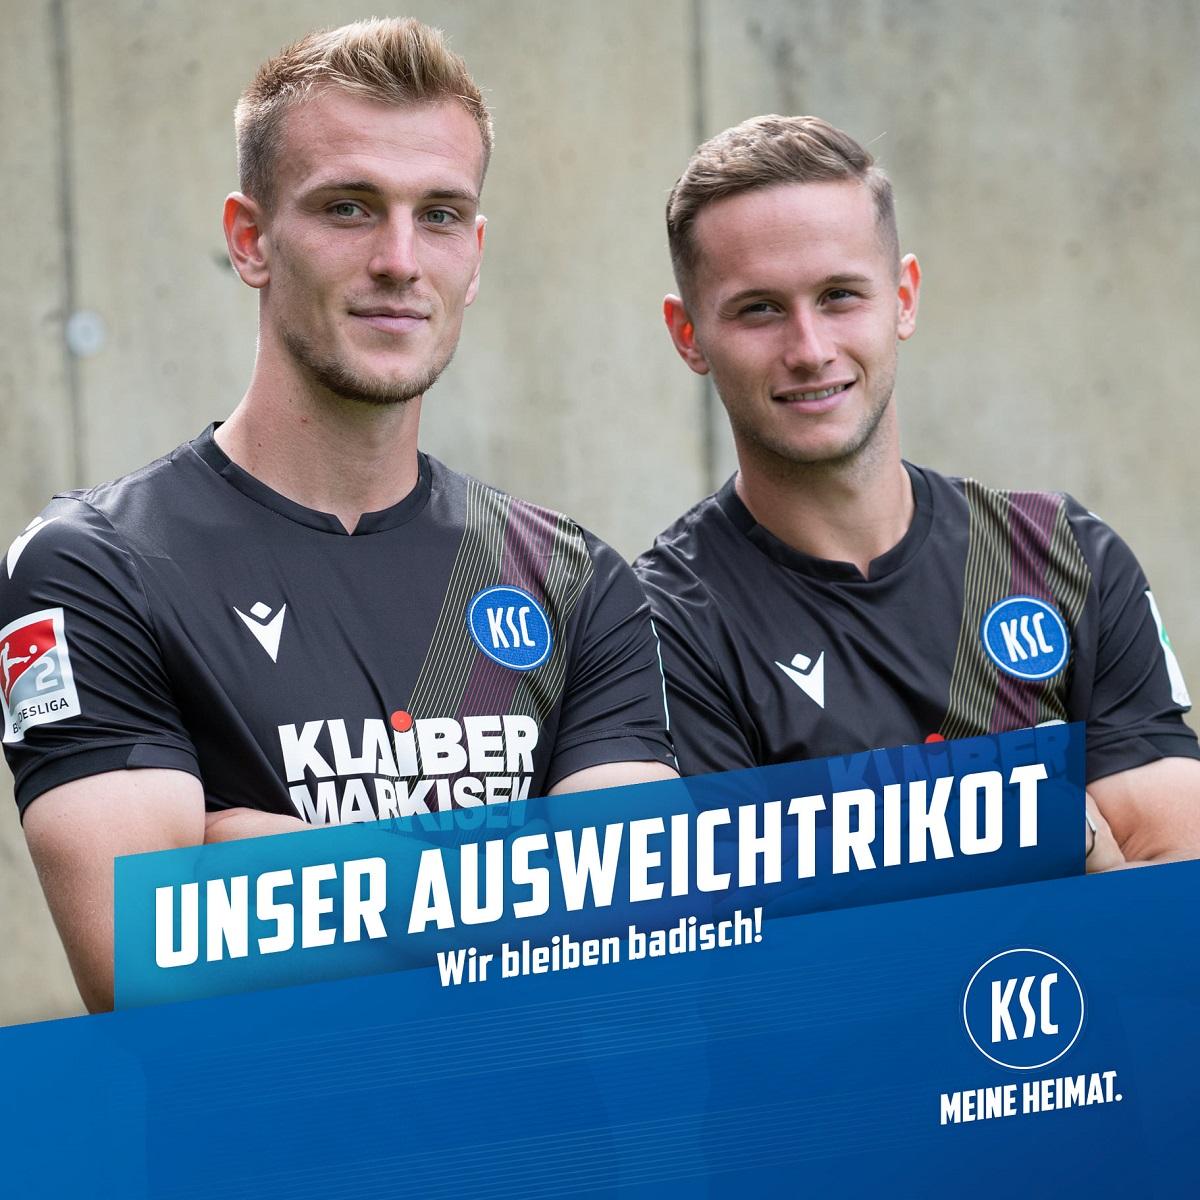 Karlsruhe Umzug 2021